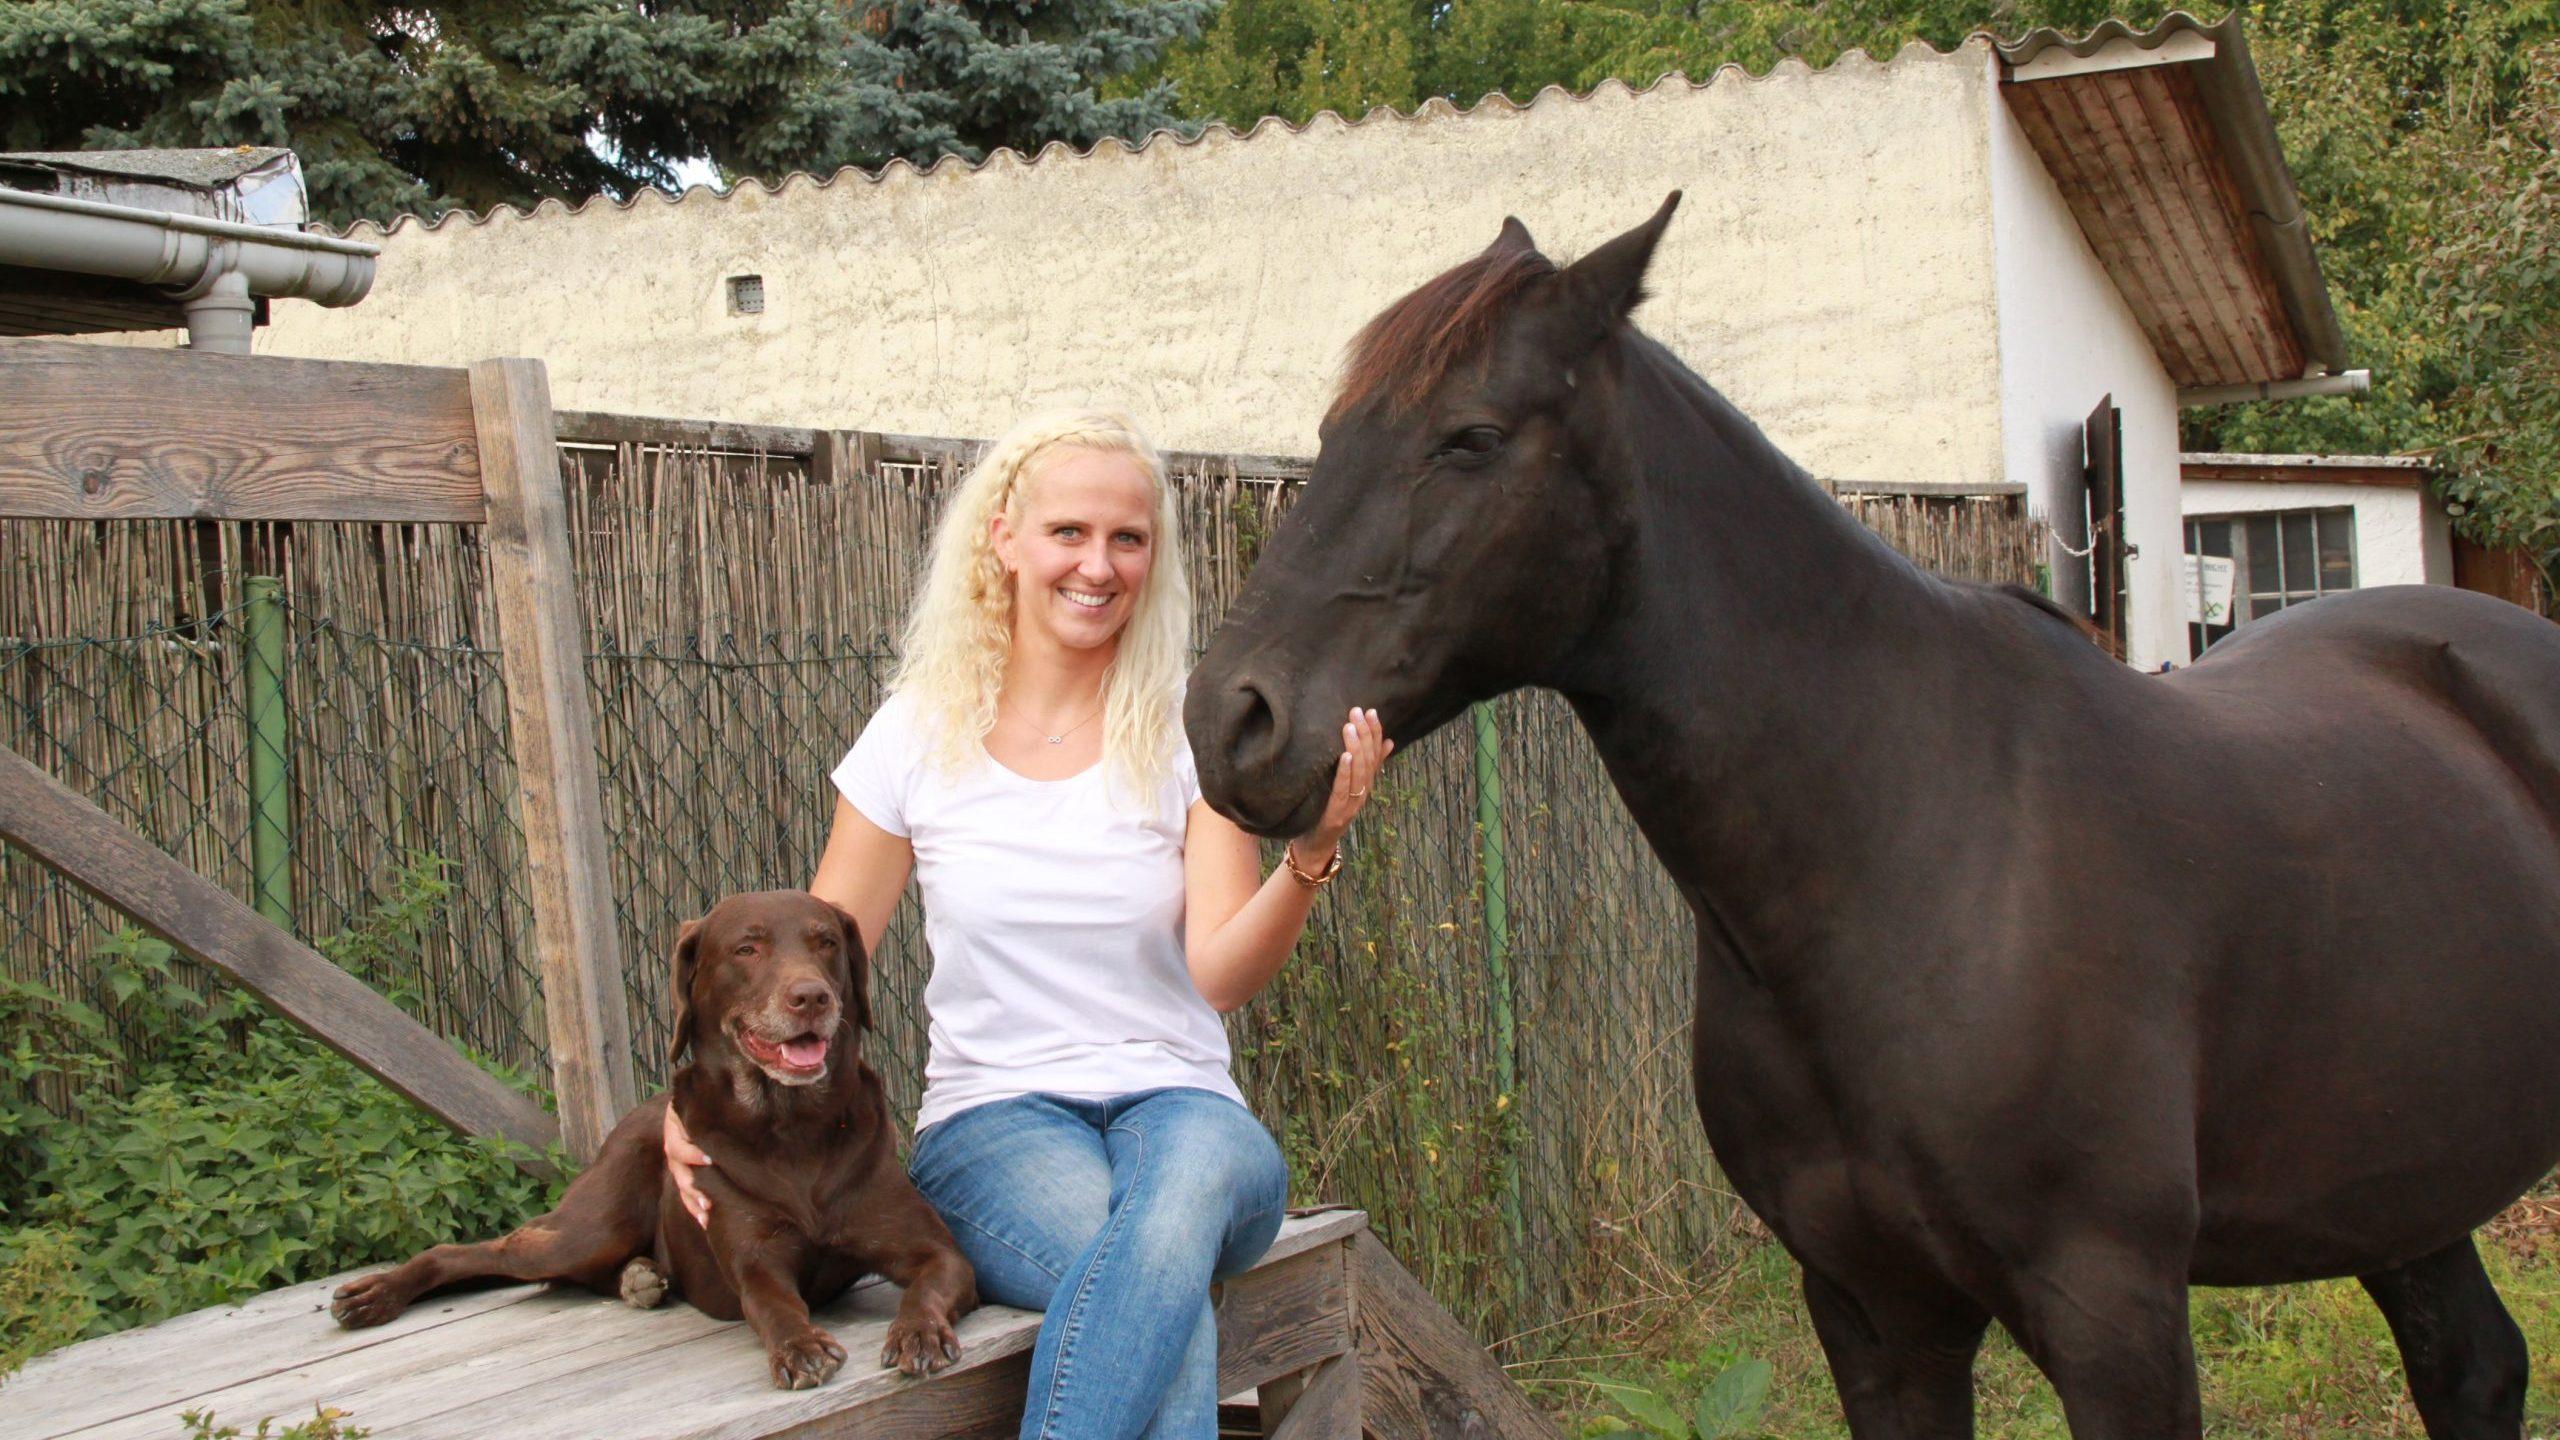 Jenny_mit Hund und Pferd